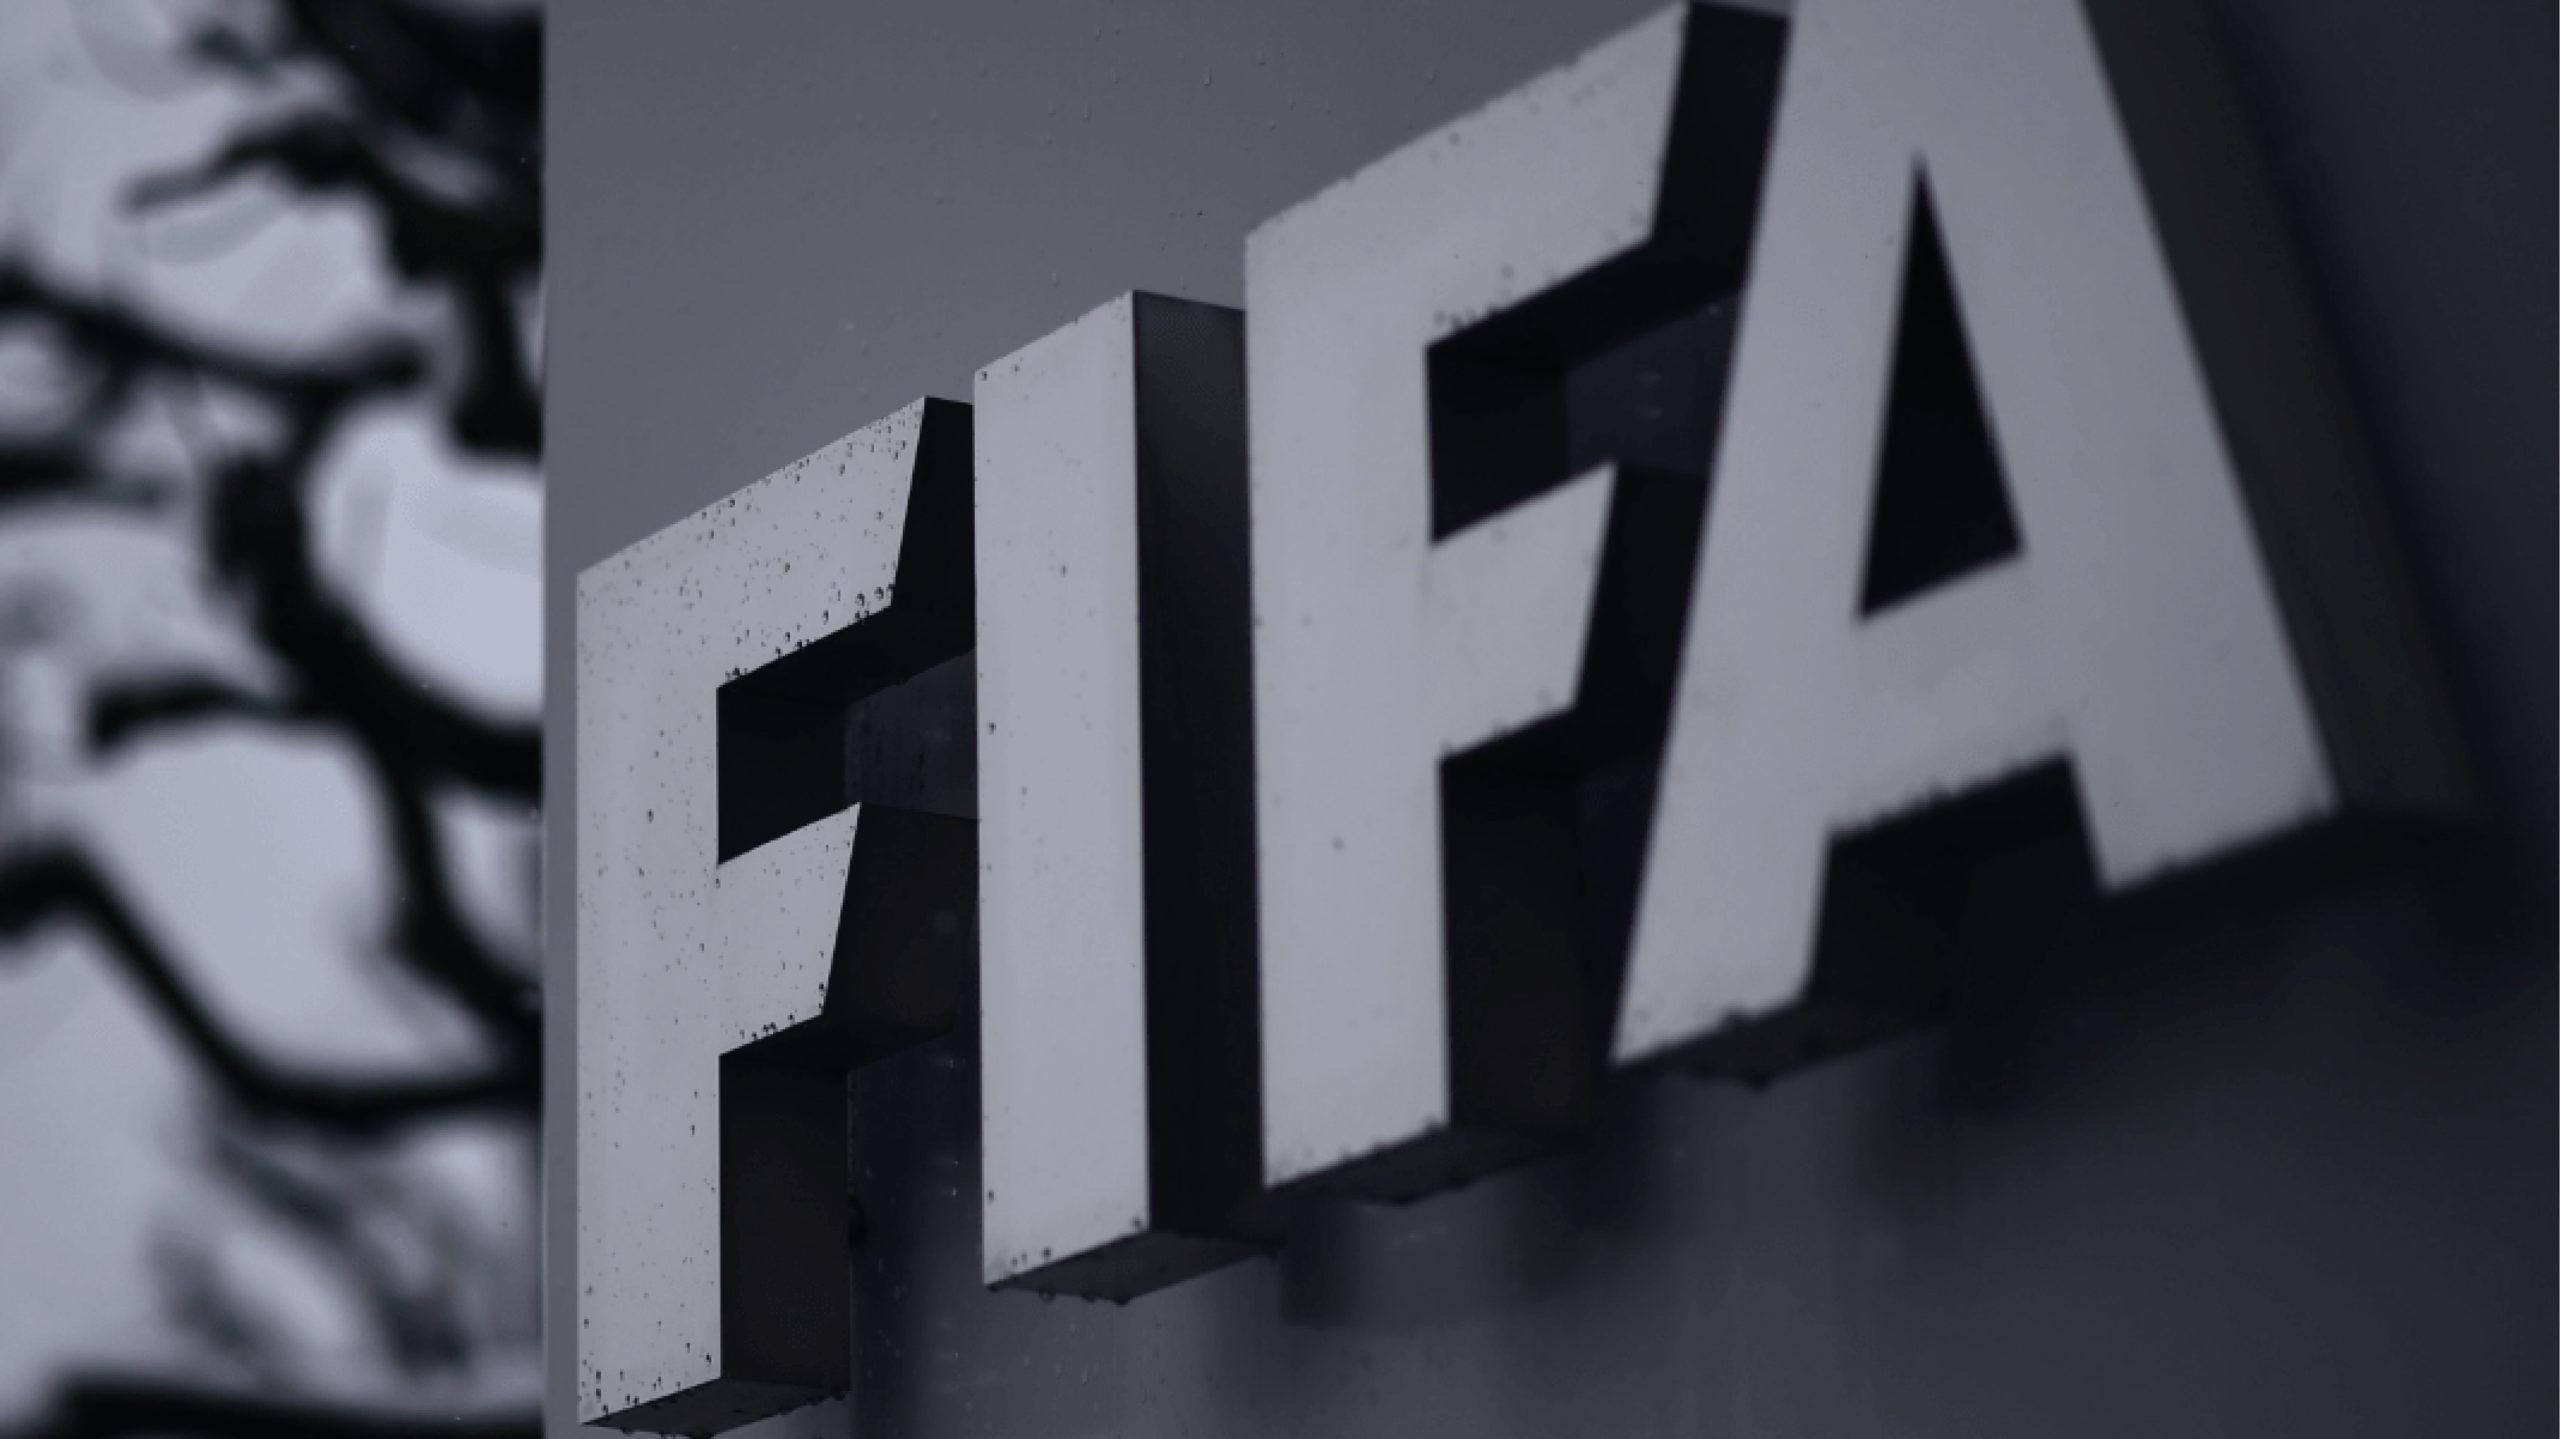 No solo el Mundial, la FIFA también quiere campeonatos cada 2 años